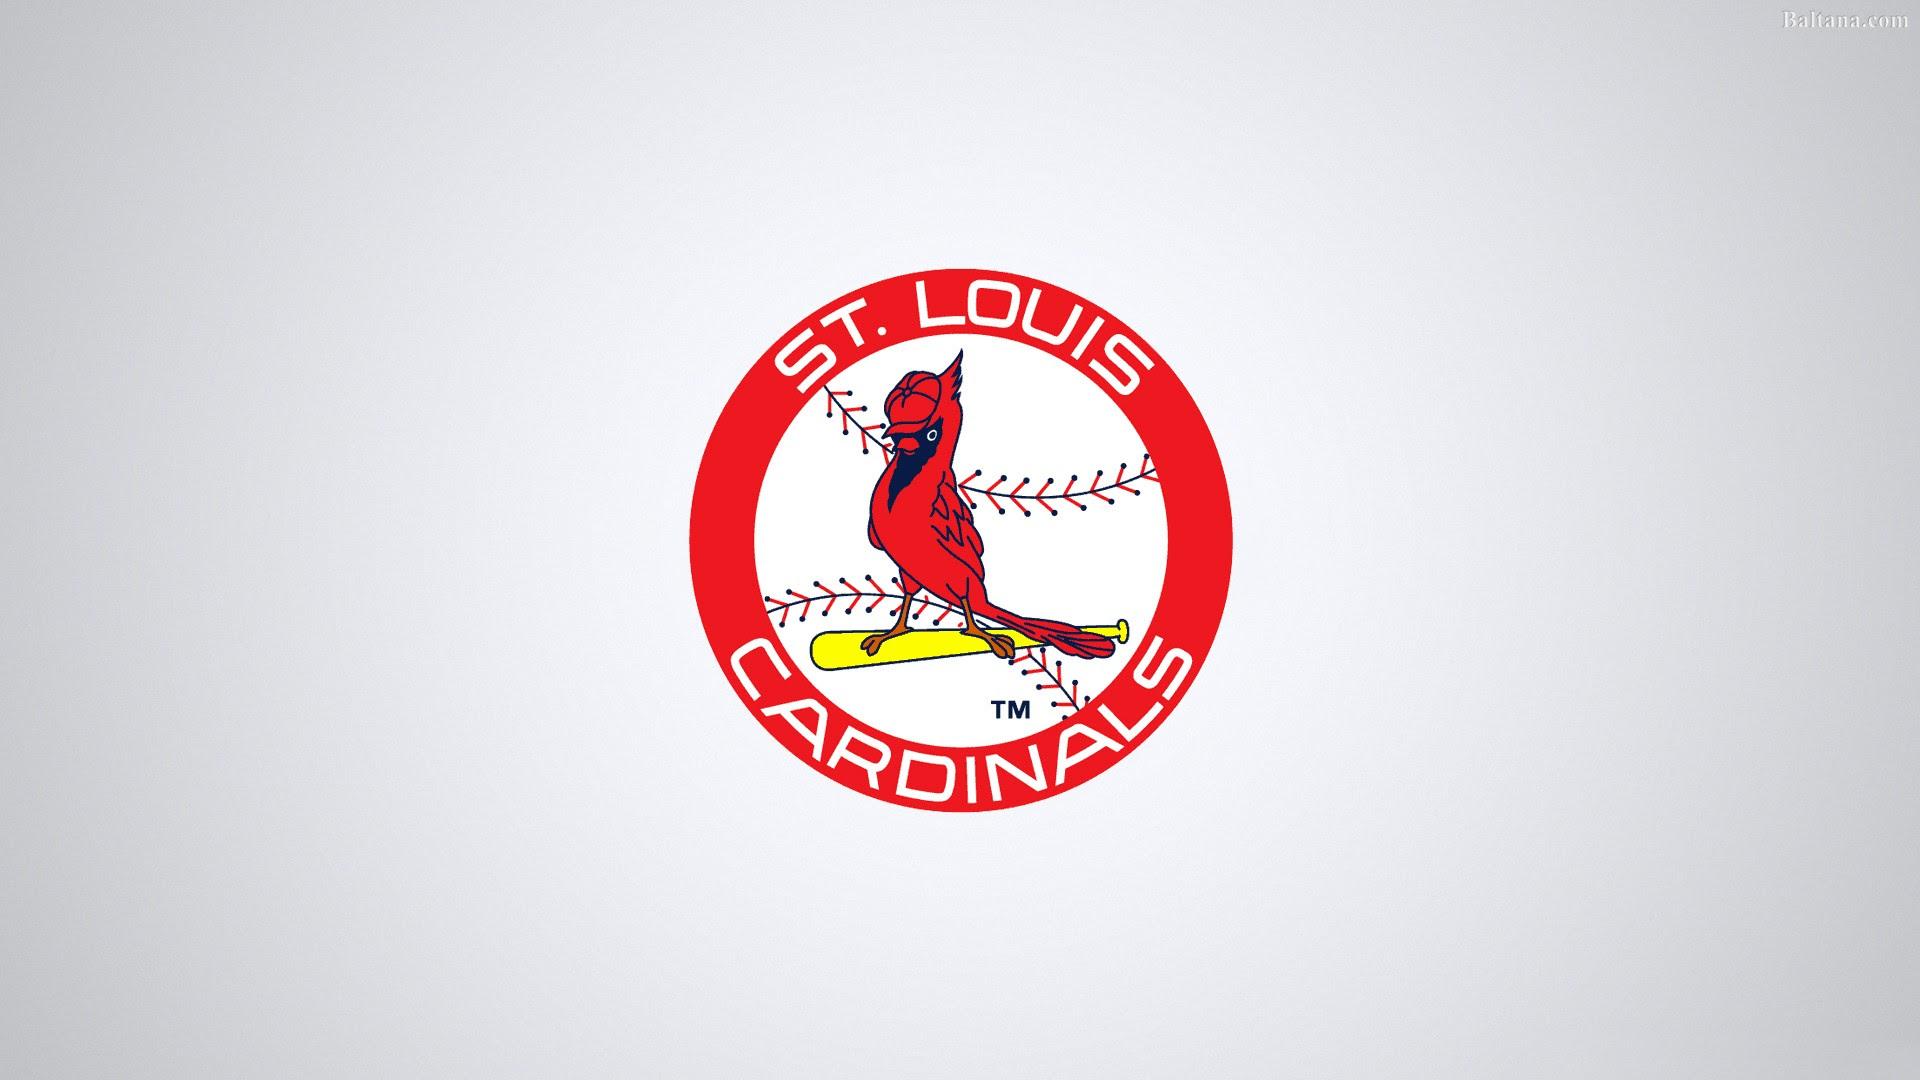 St Louis Cardinals Background Wallpaper 33332 Baltana